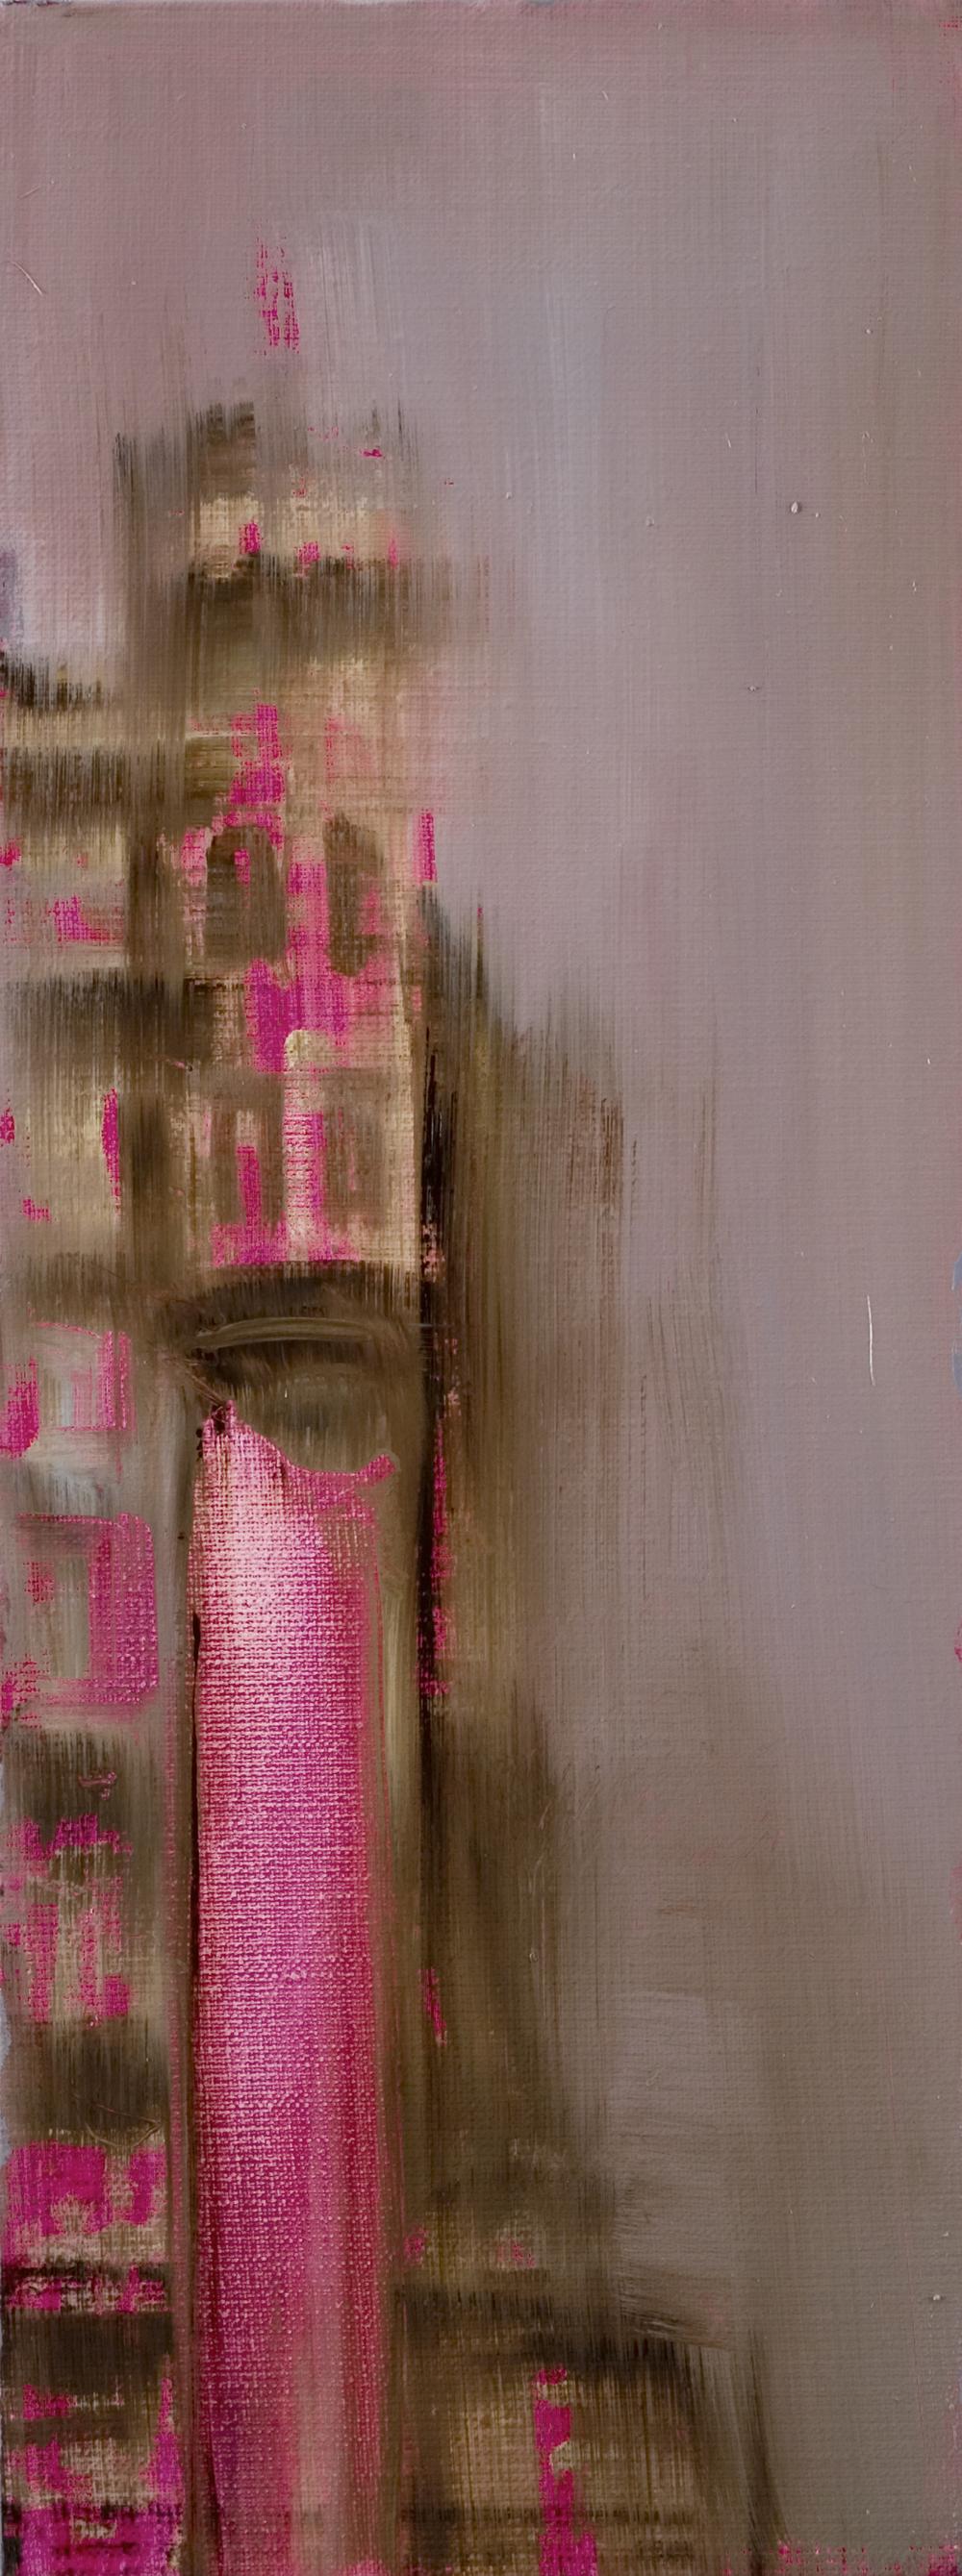 Pink Palace, 2007